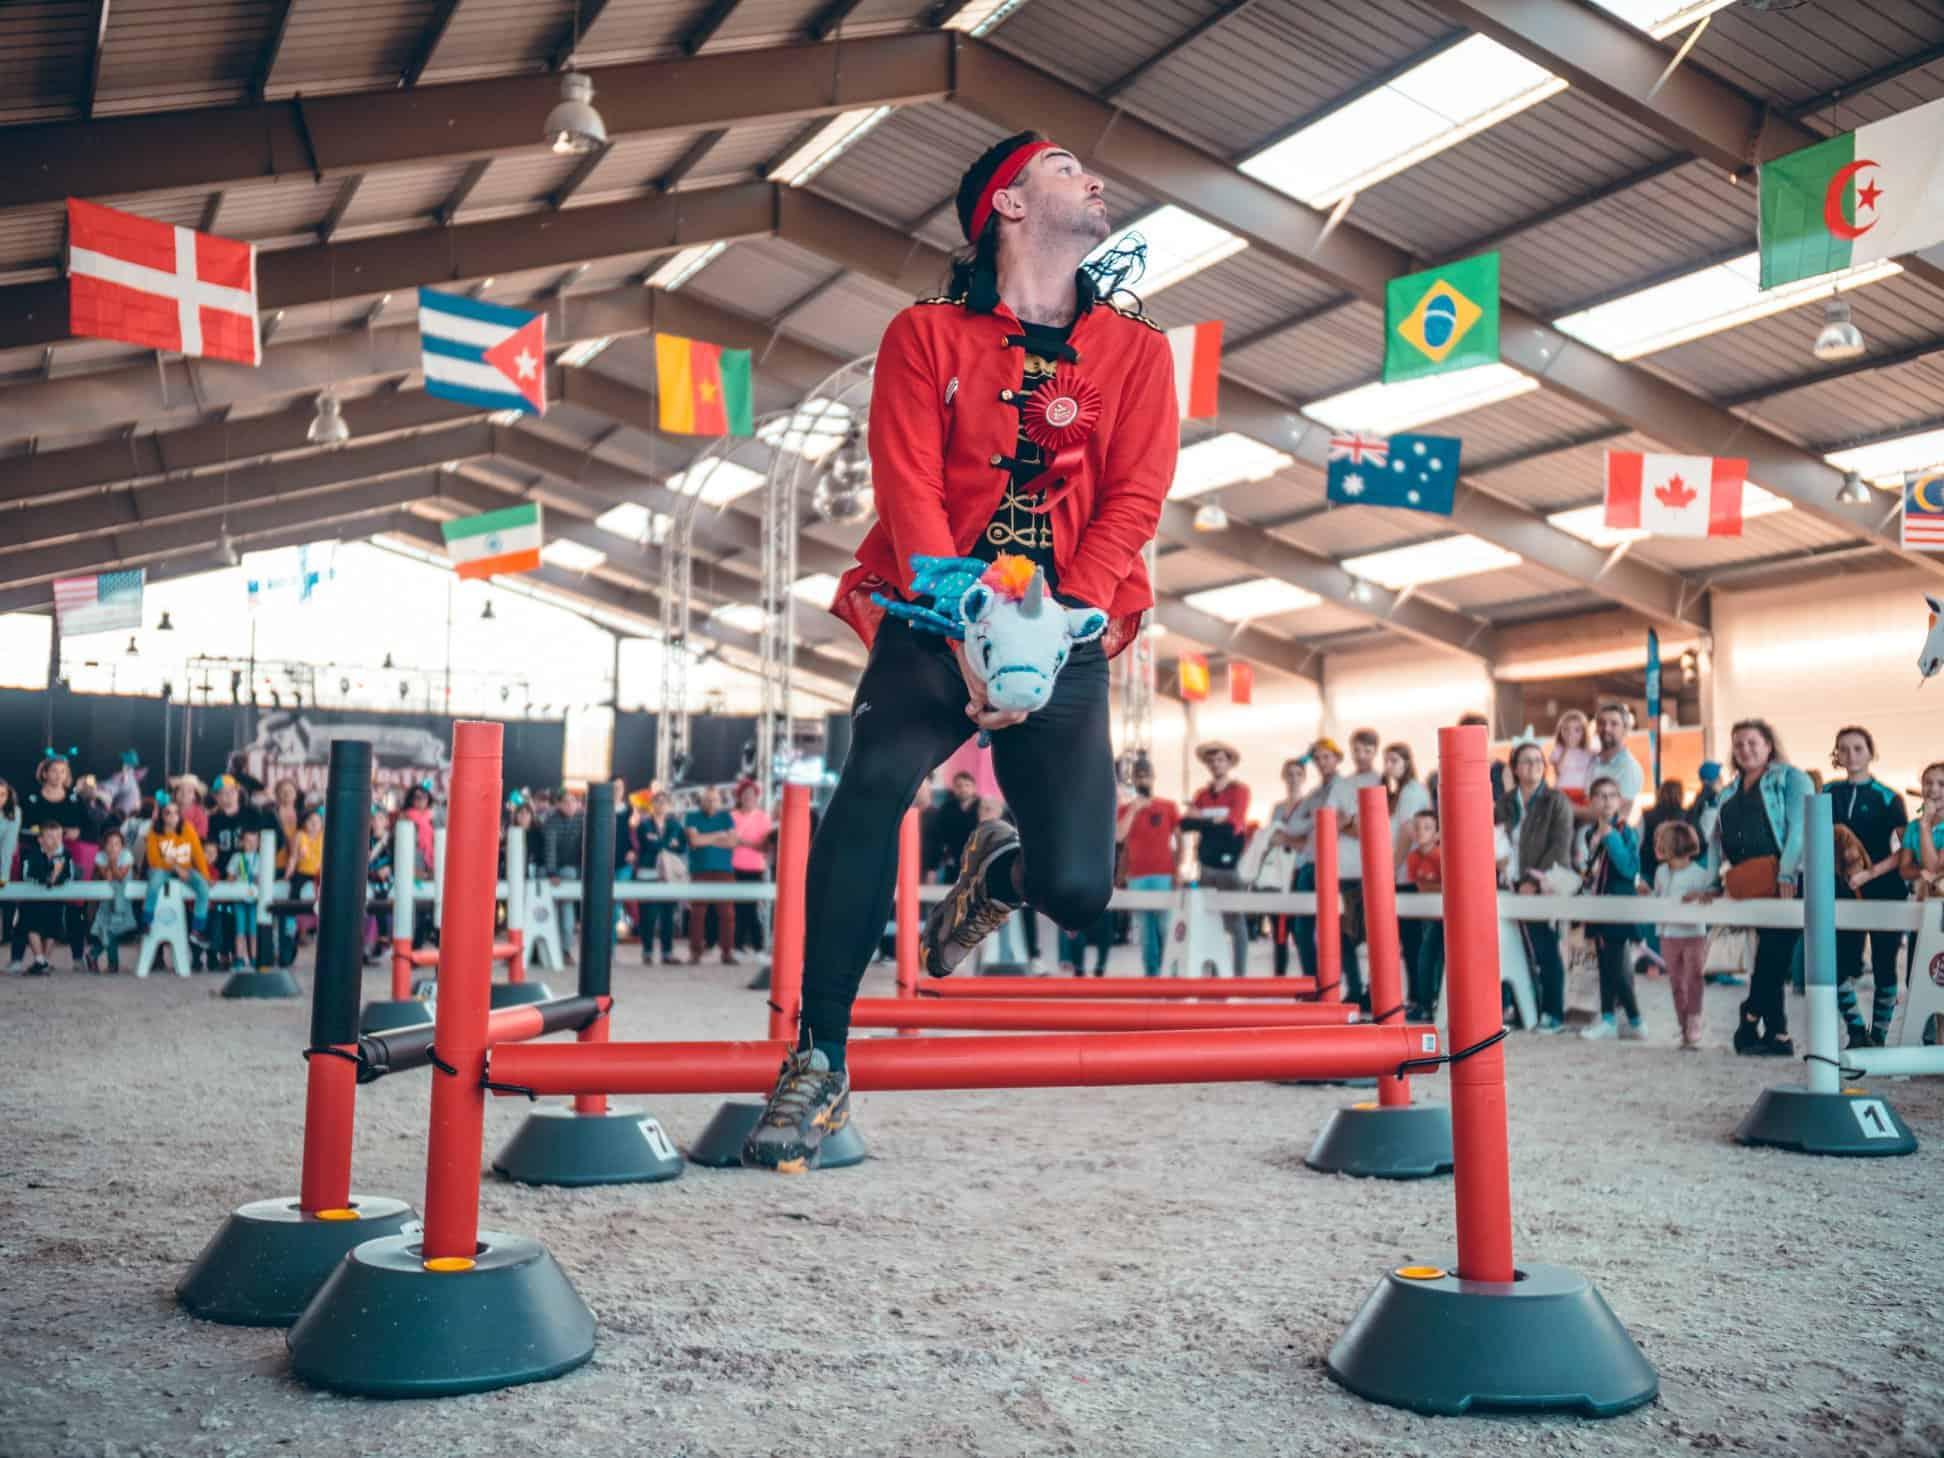 foire de nantes 2019 competition de cheval a 2 pattes